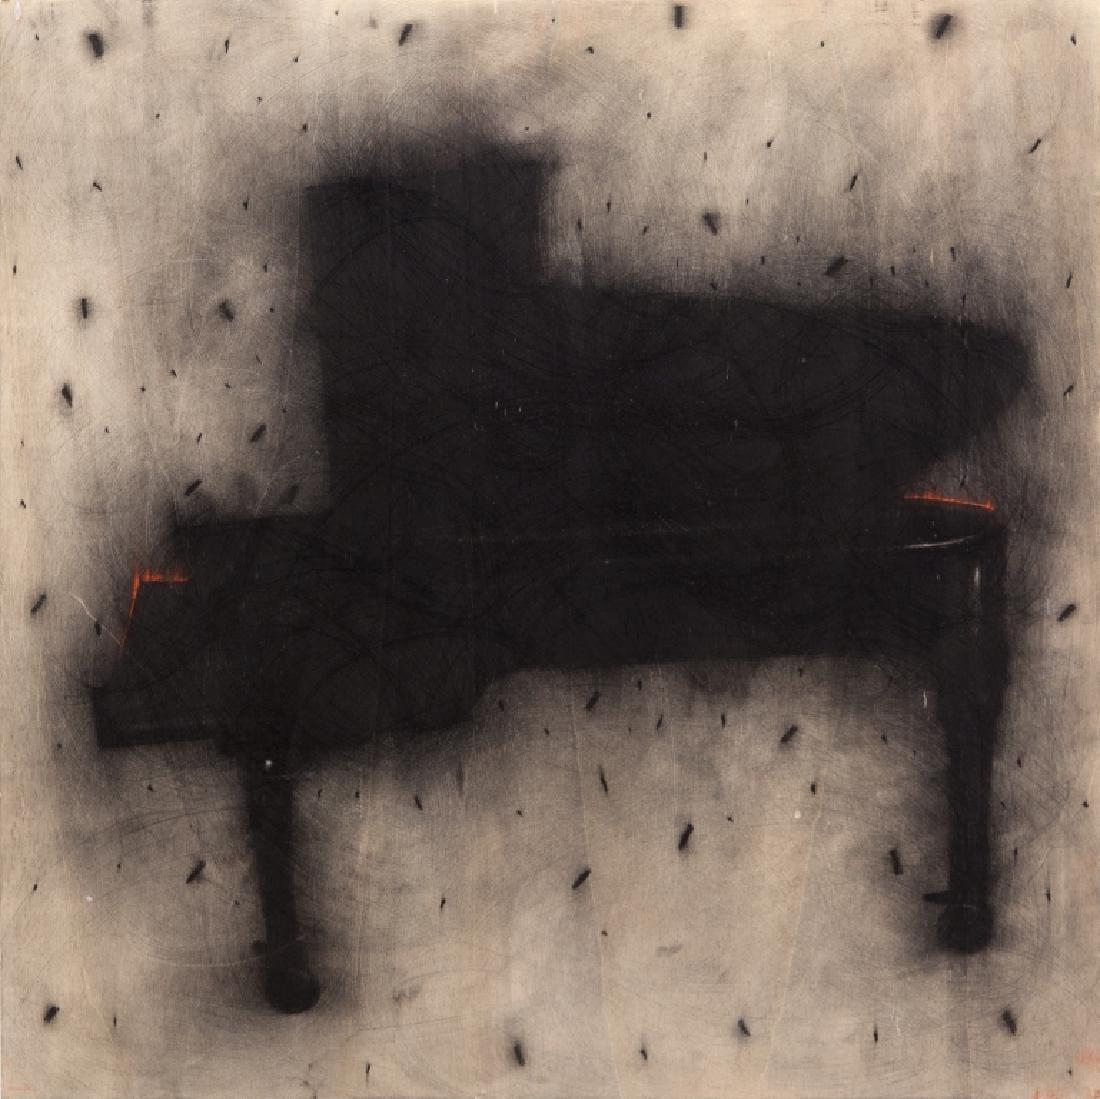 OMAR GALLIANI (1954-)  Notturno  grafite su